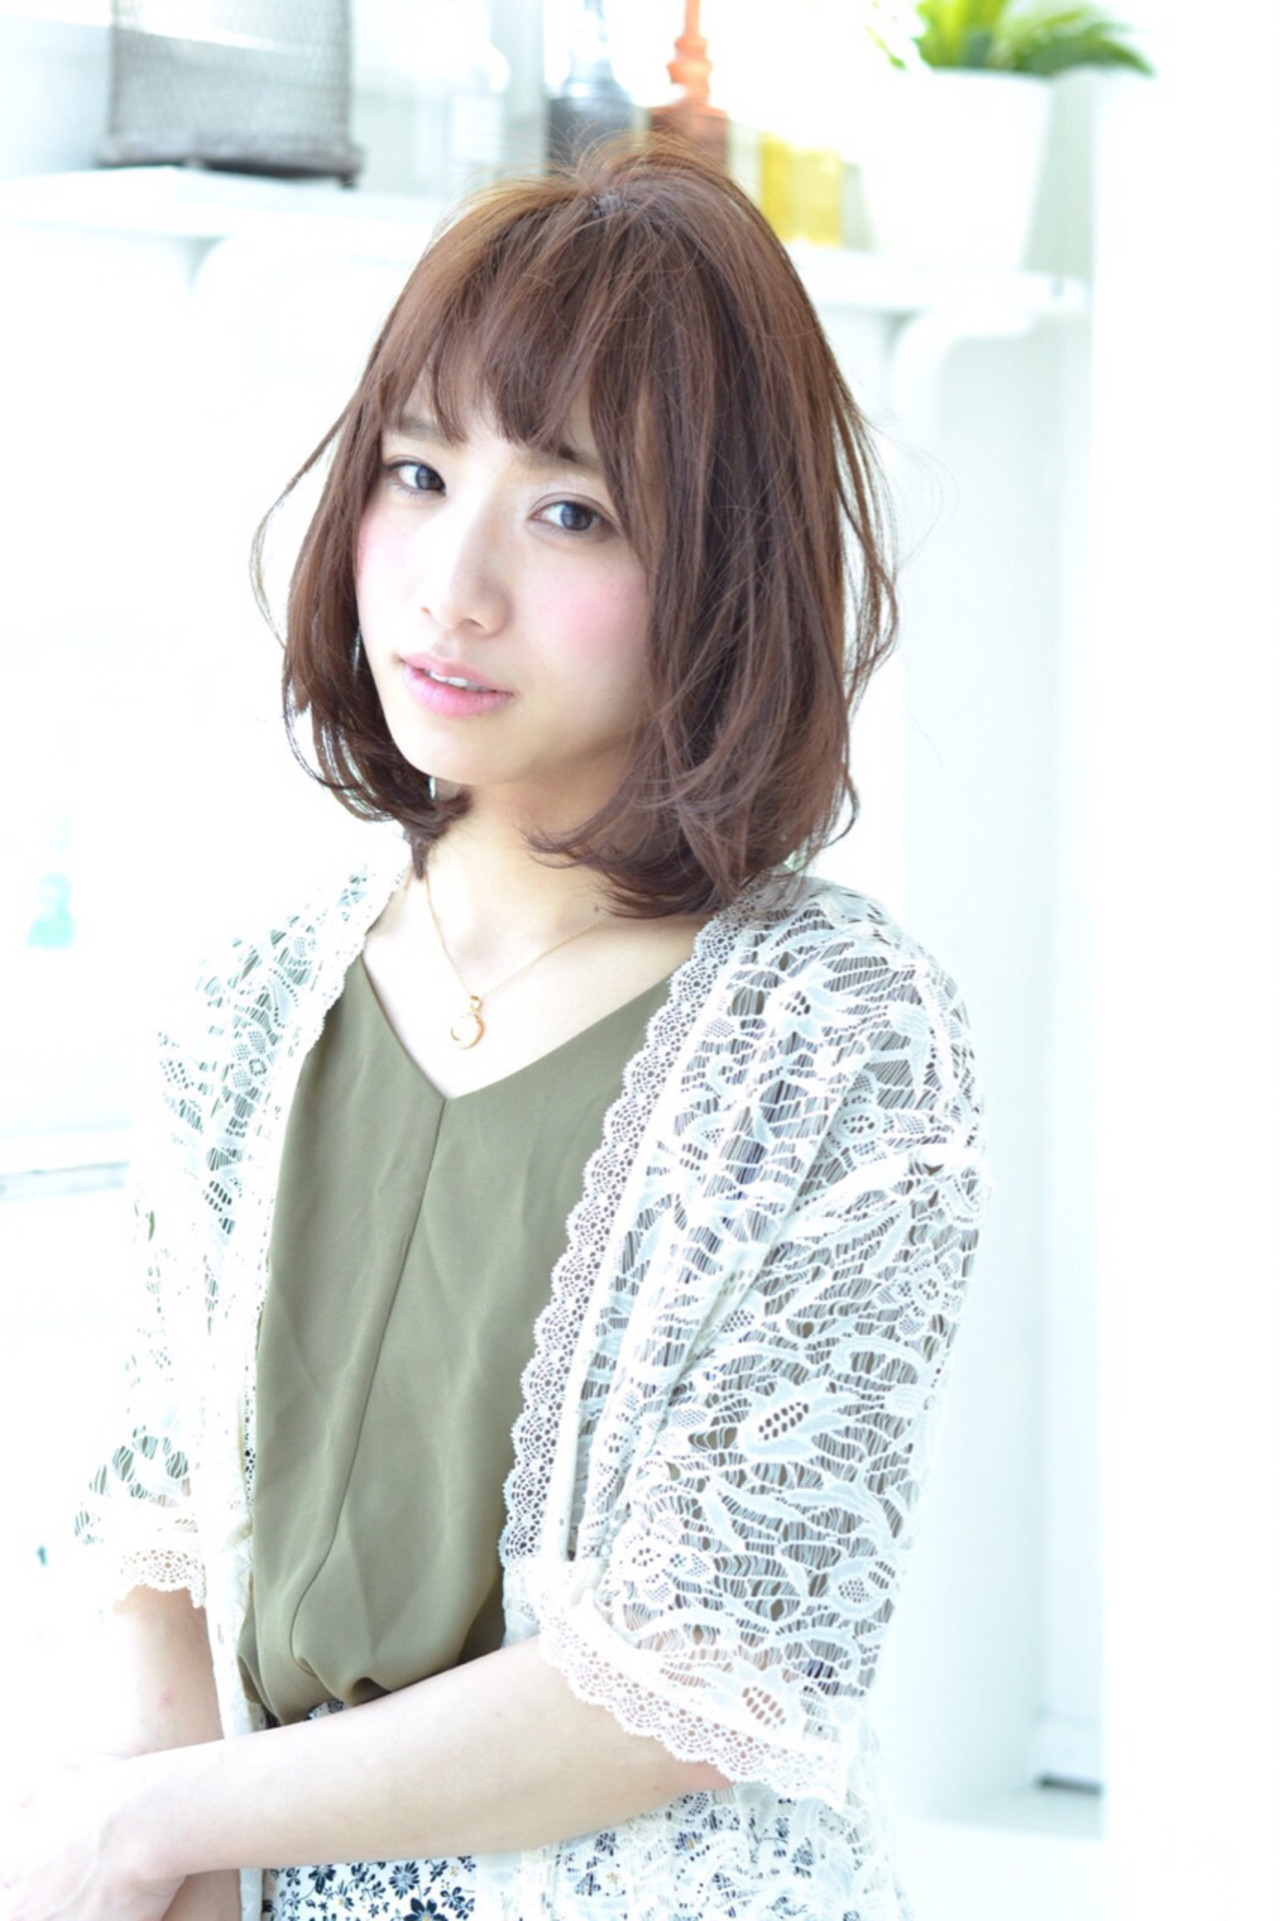 大人かわいい 外国人風 前髪あり ブラウン ヘアスタイルや髪型の写真・画像